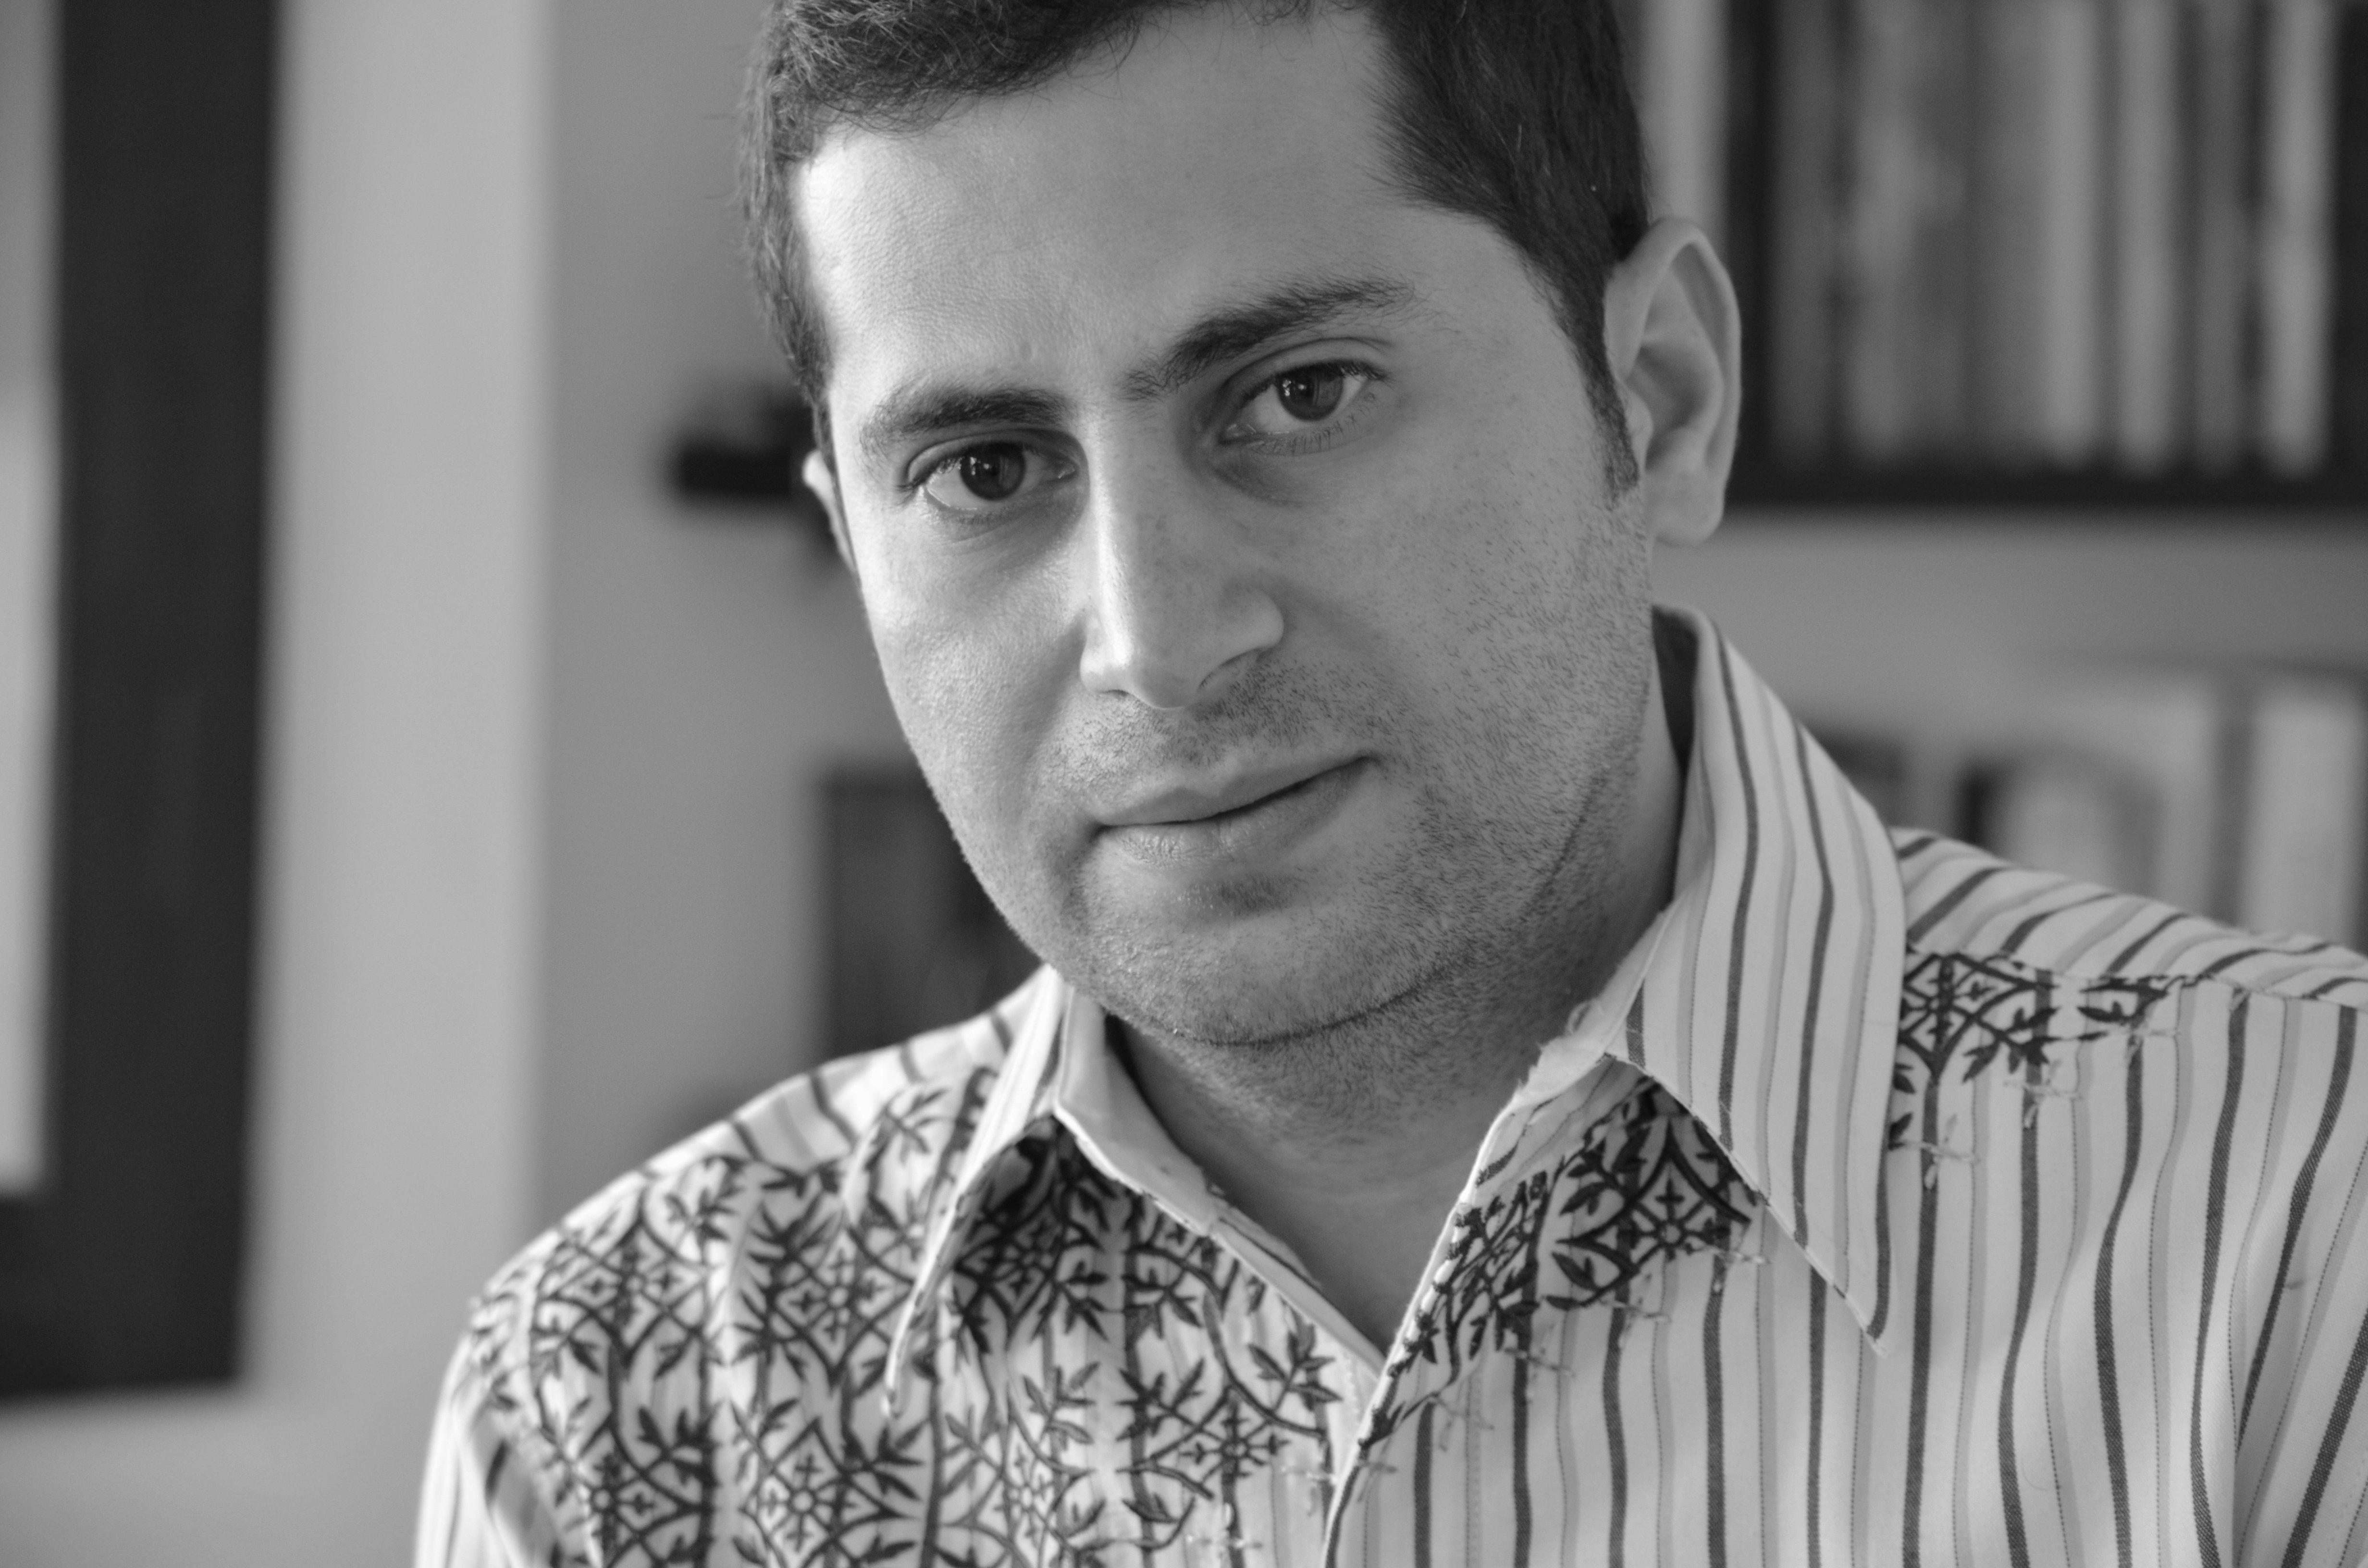 محمد عدنان الكيلاني Headshot